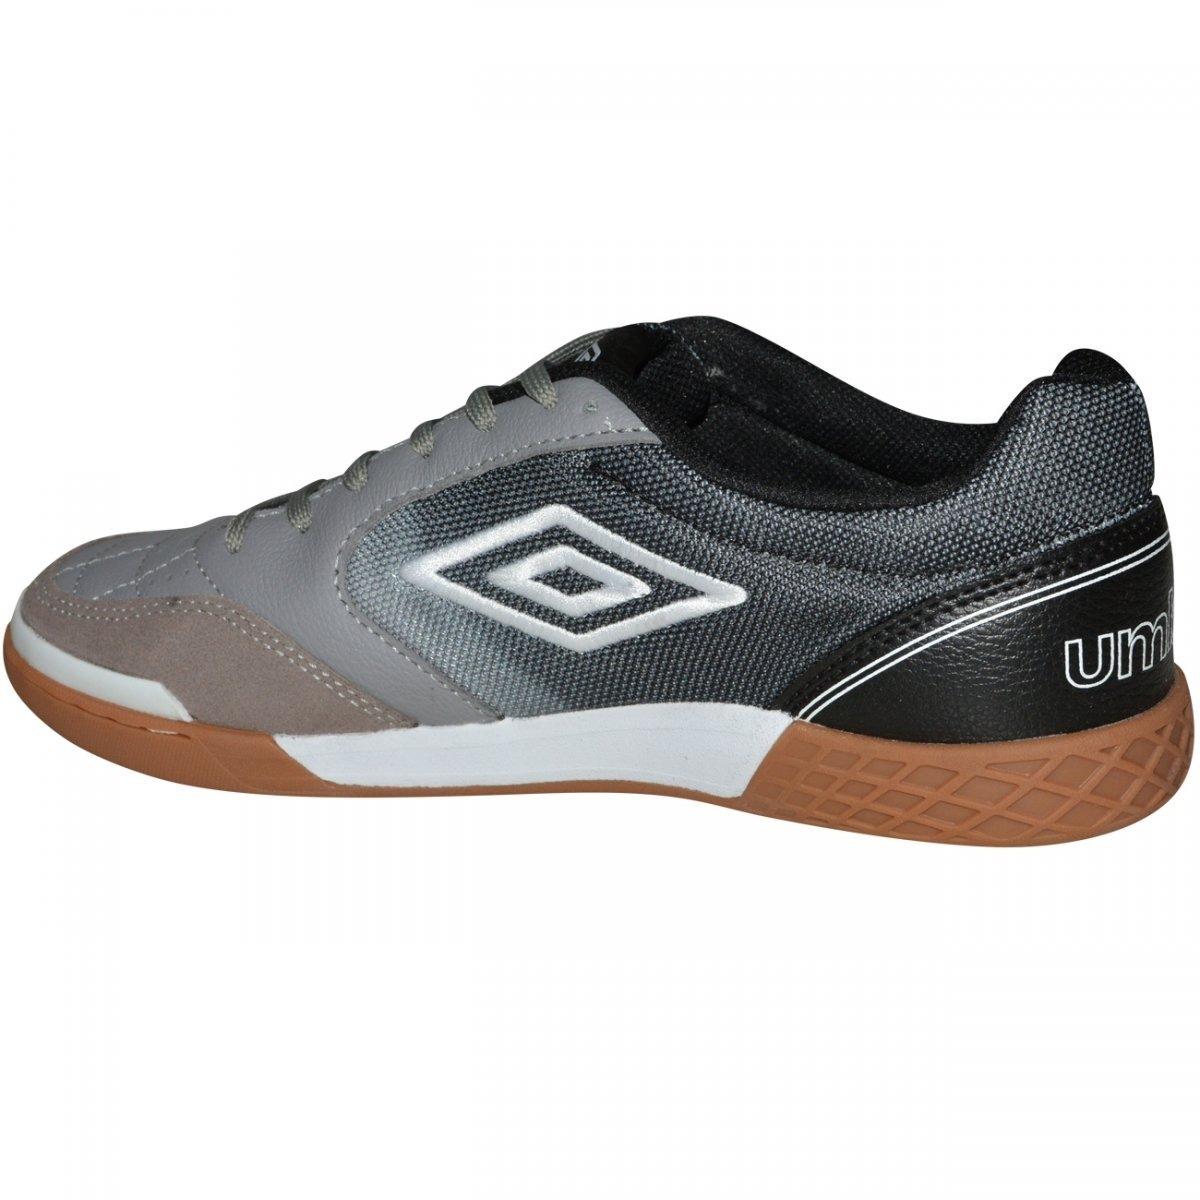 b6e68ff6b6092 Tênis De Futsal Umbro Box Id - Cinza/preto - Original - R$ 279,90 em ...